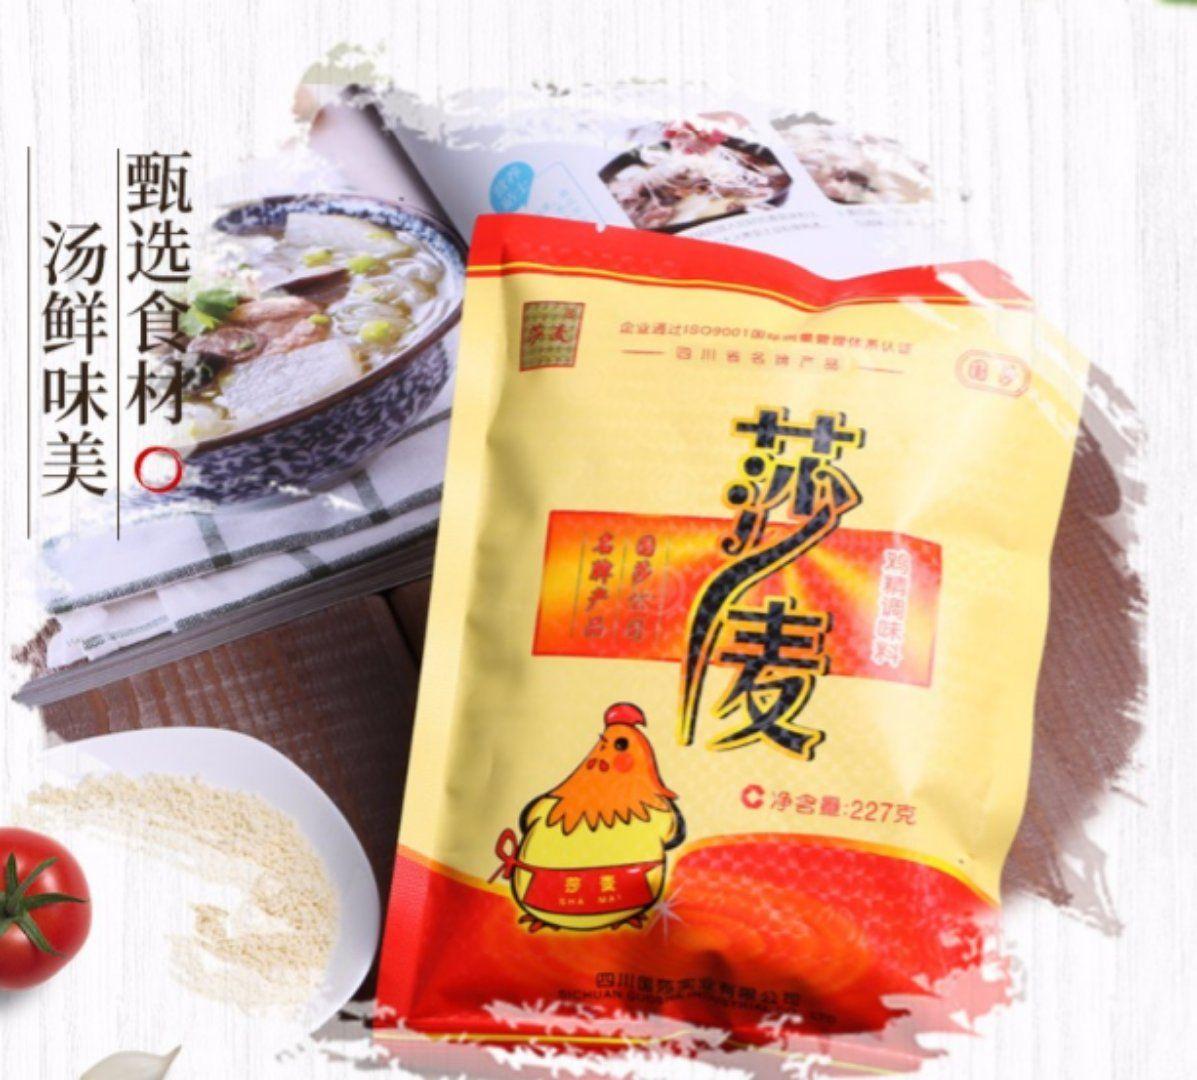 渝北农贸市场_味精、鸡精线上商场